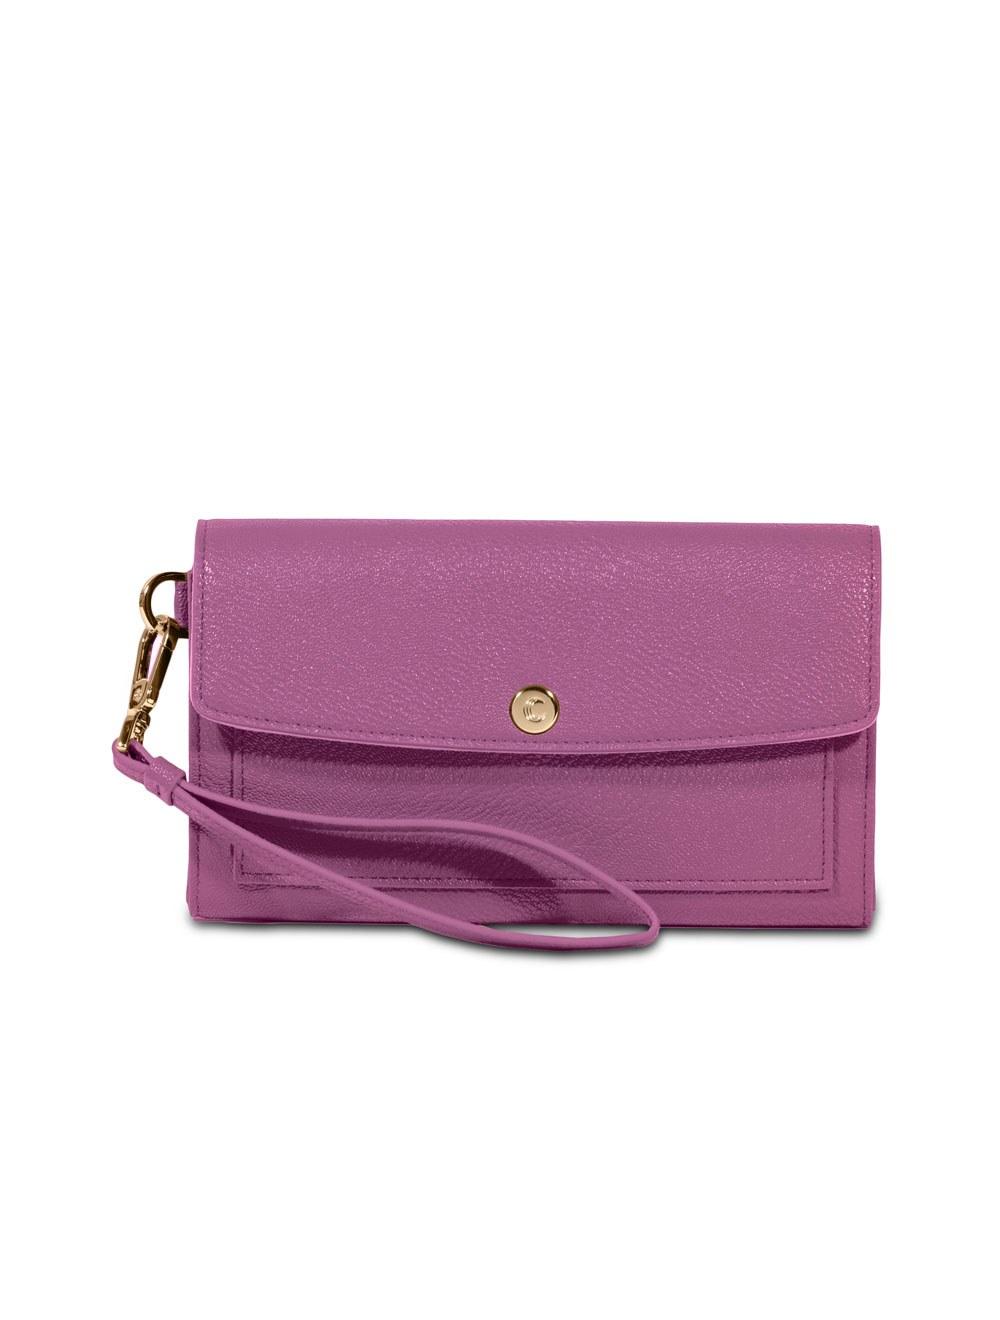 Wallet with wristlet - Mauve